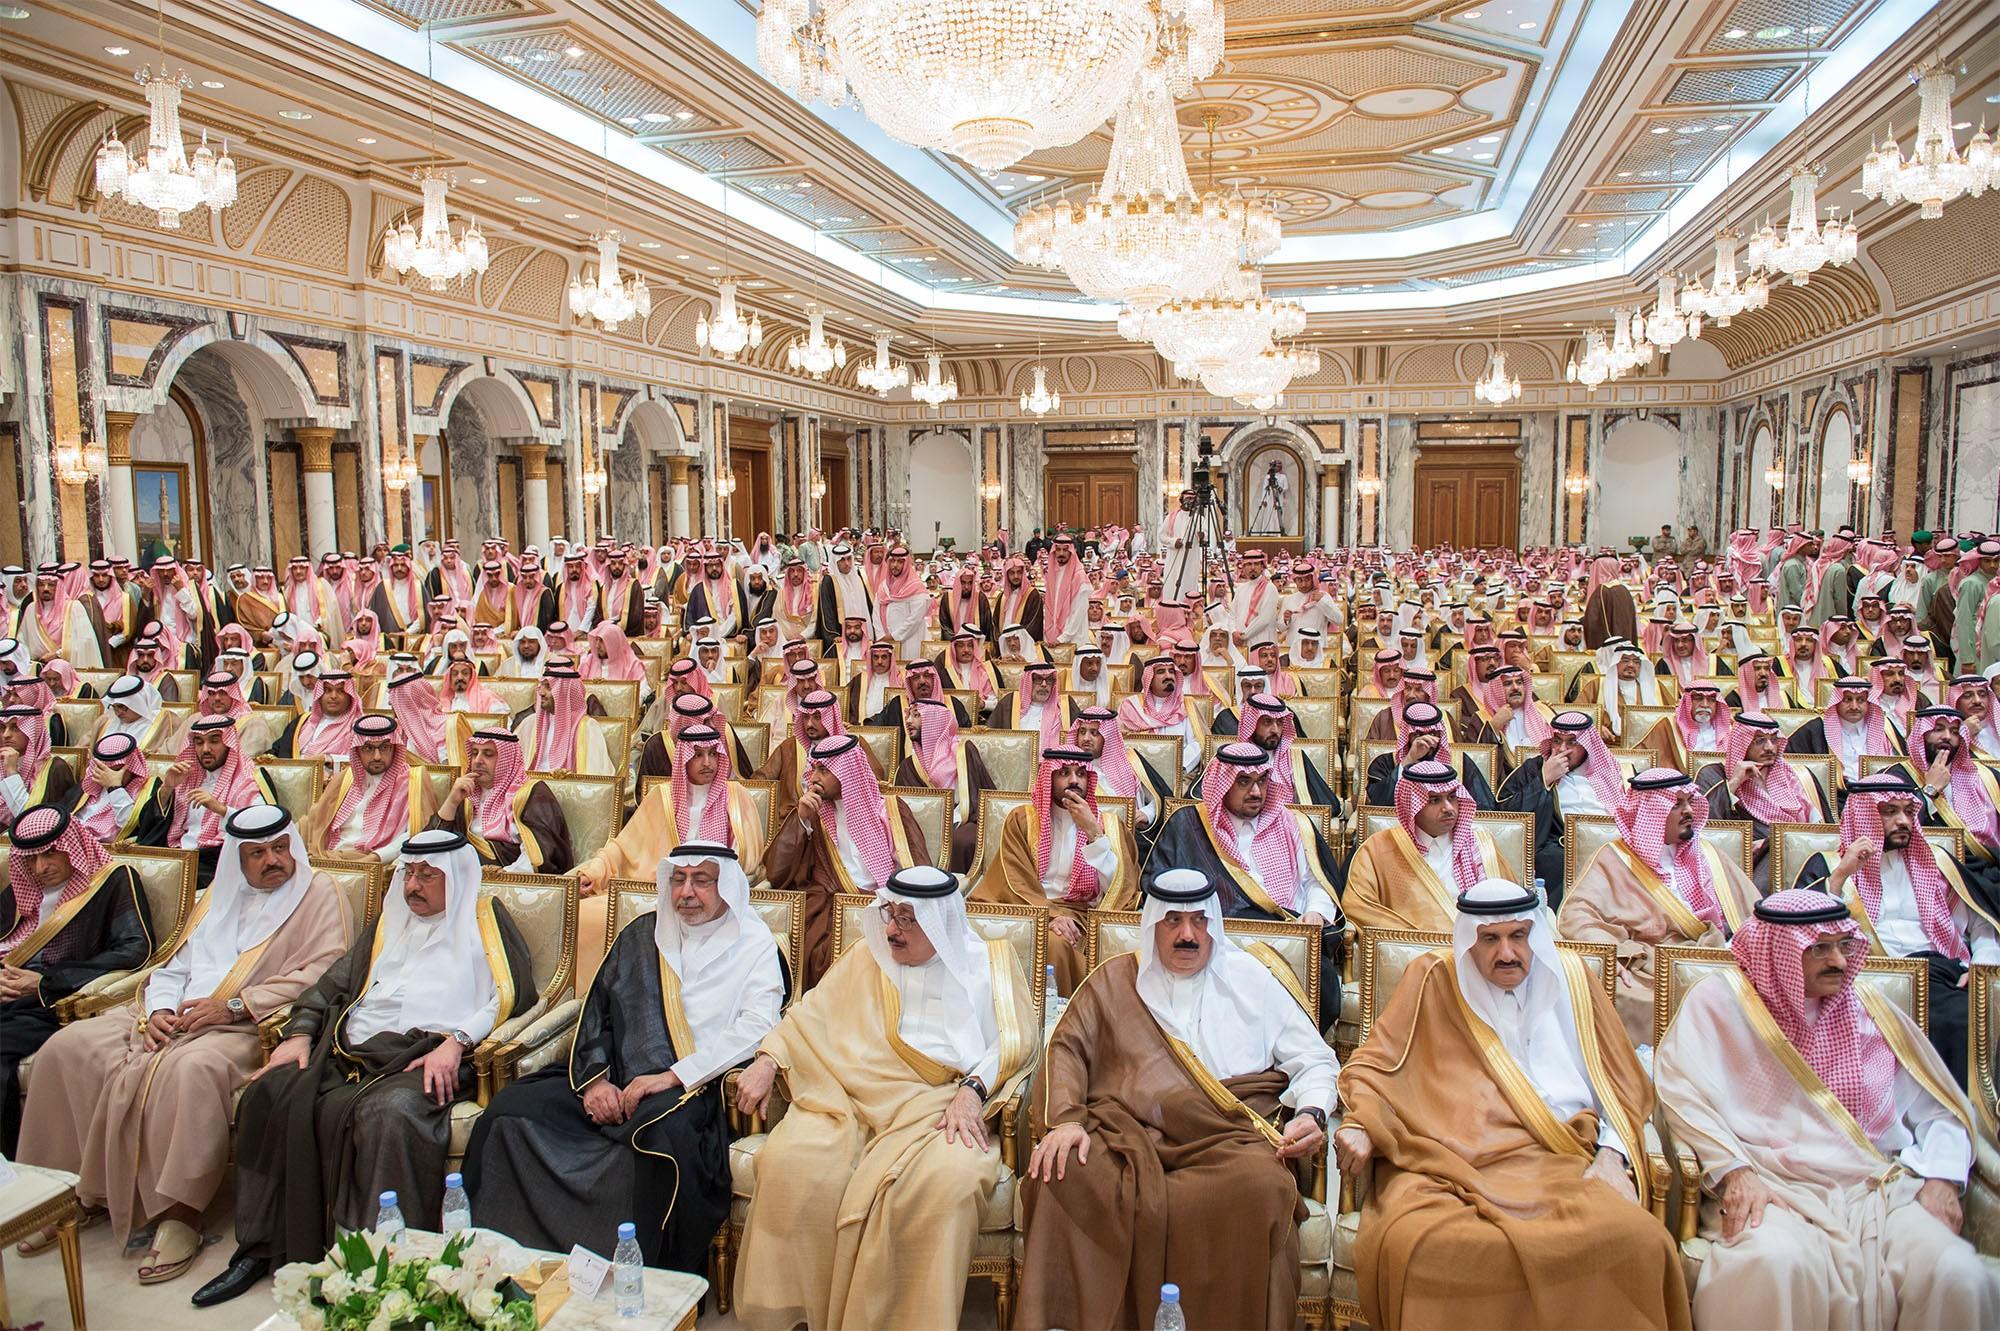 Des membres de la famille royale et des dignitaires saoudiens assistent à une cérémonie d'allégeance au prince héritier Mohammed ben Salmane à La Mecque, en Arabie saoudite, le 21juin2017 (Reuters)